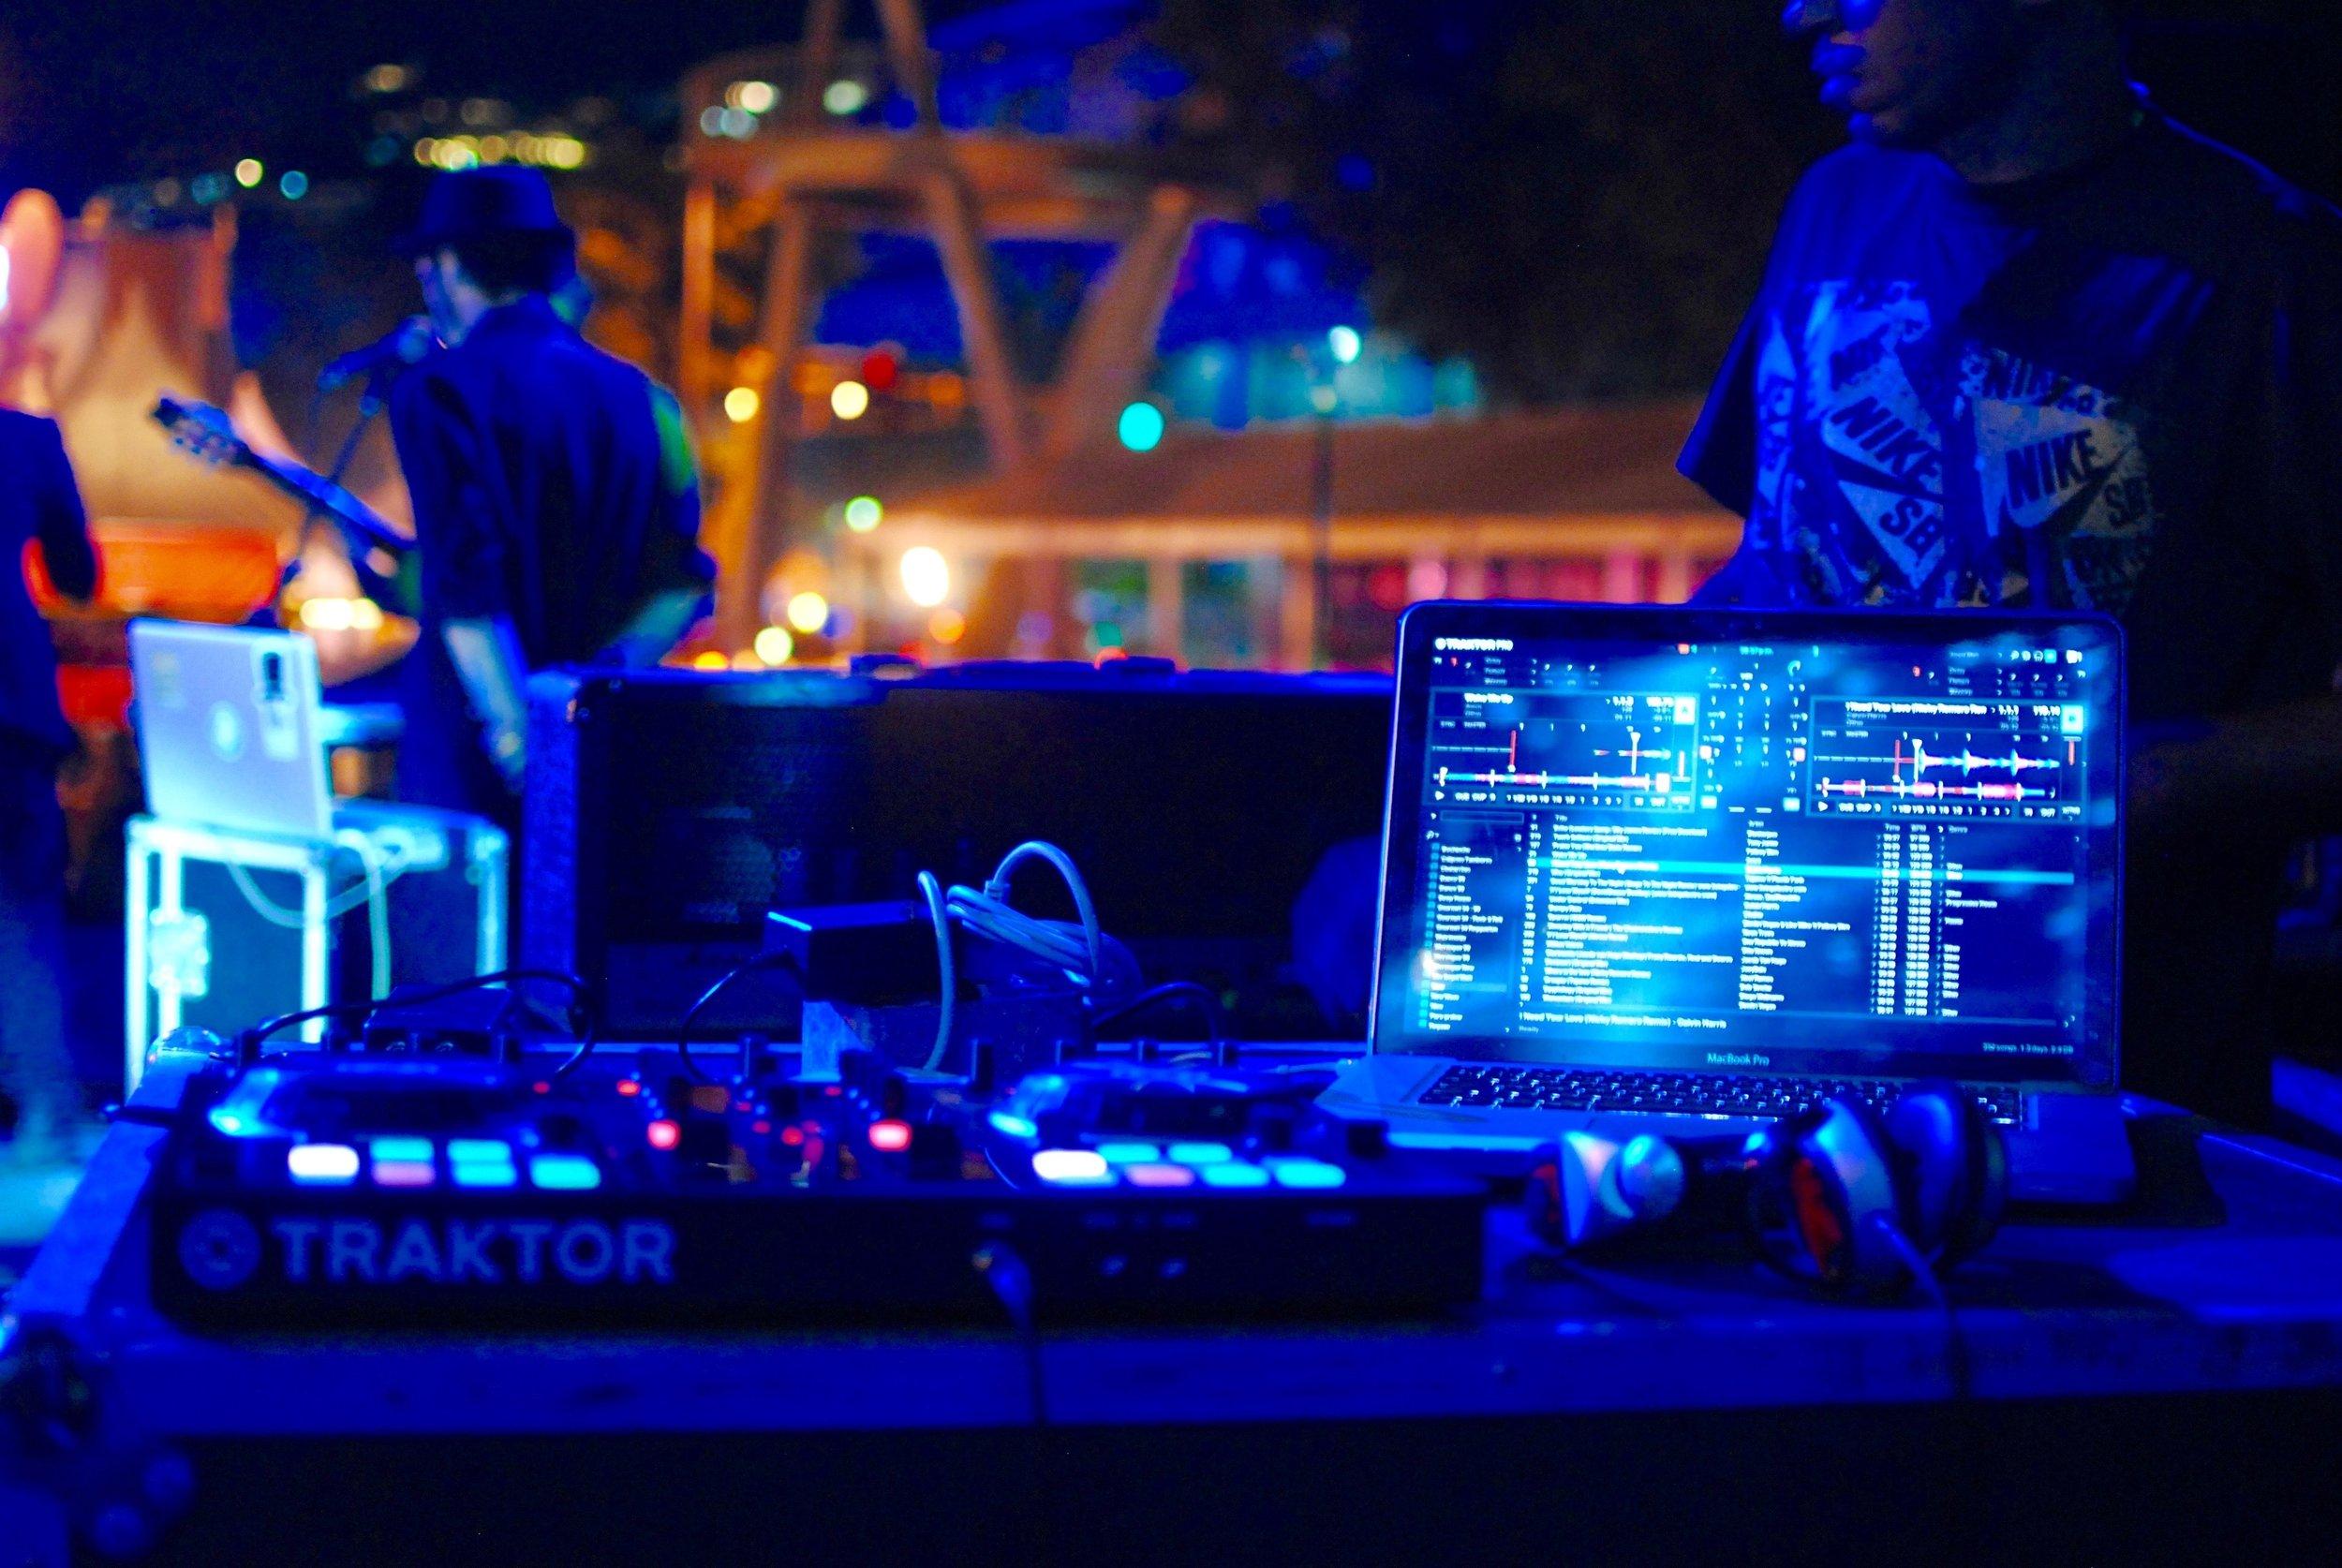 audio-mixer-dj-equipments-462503.jpg